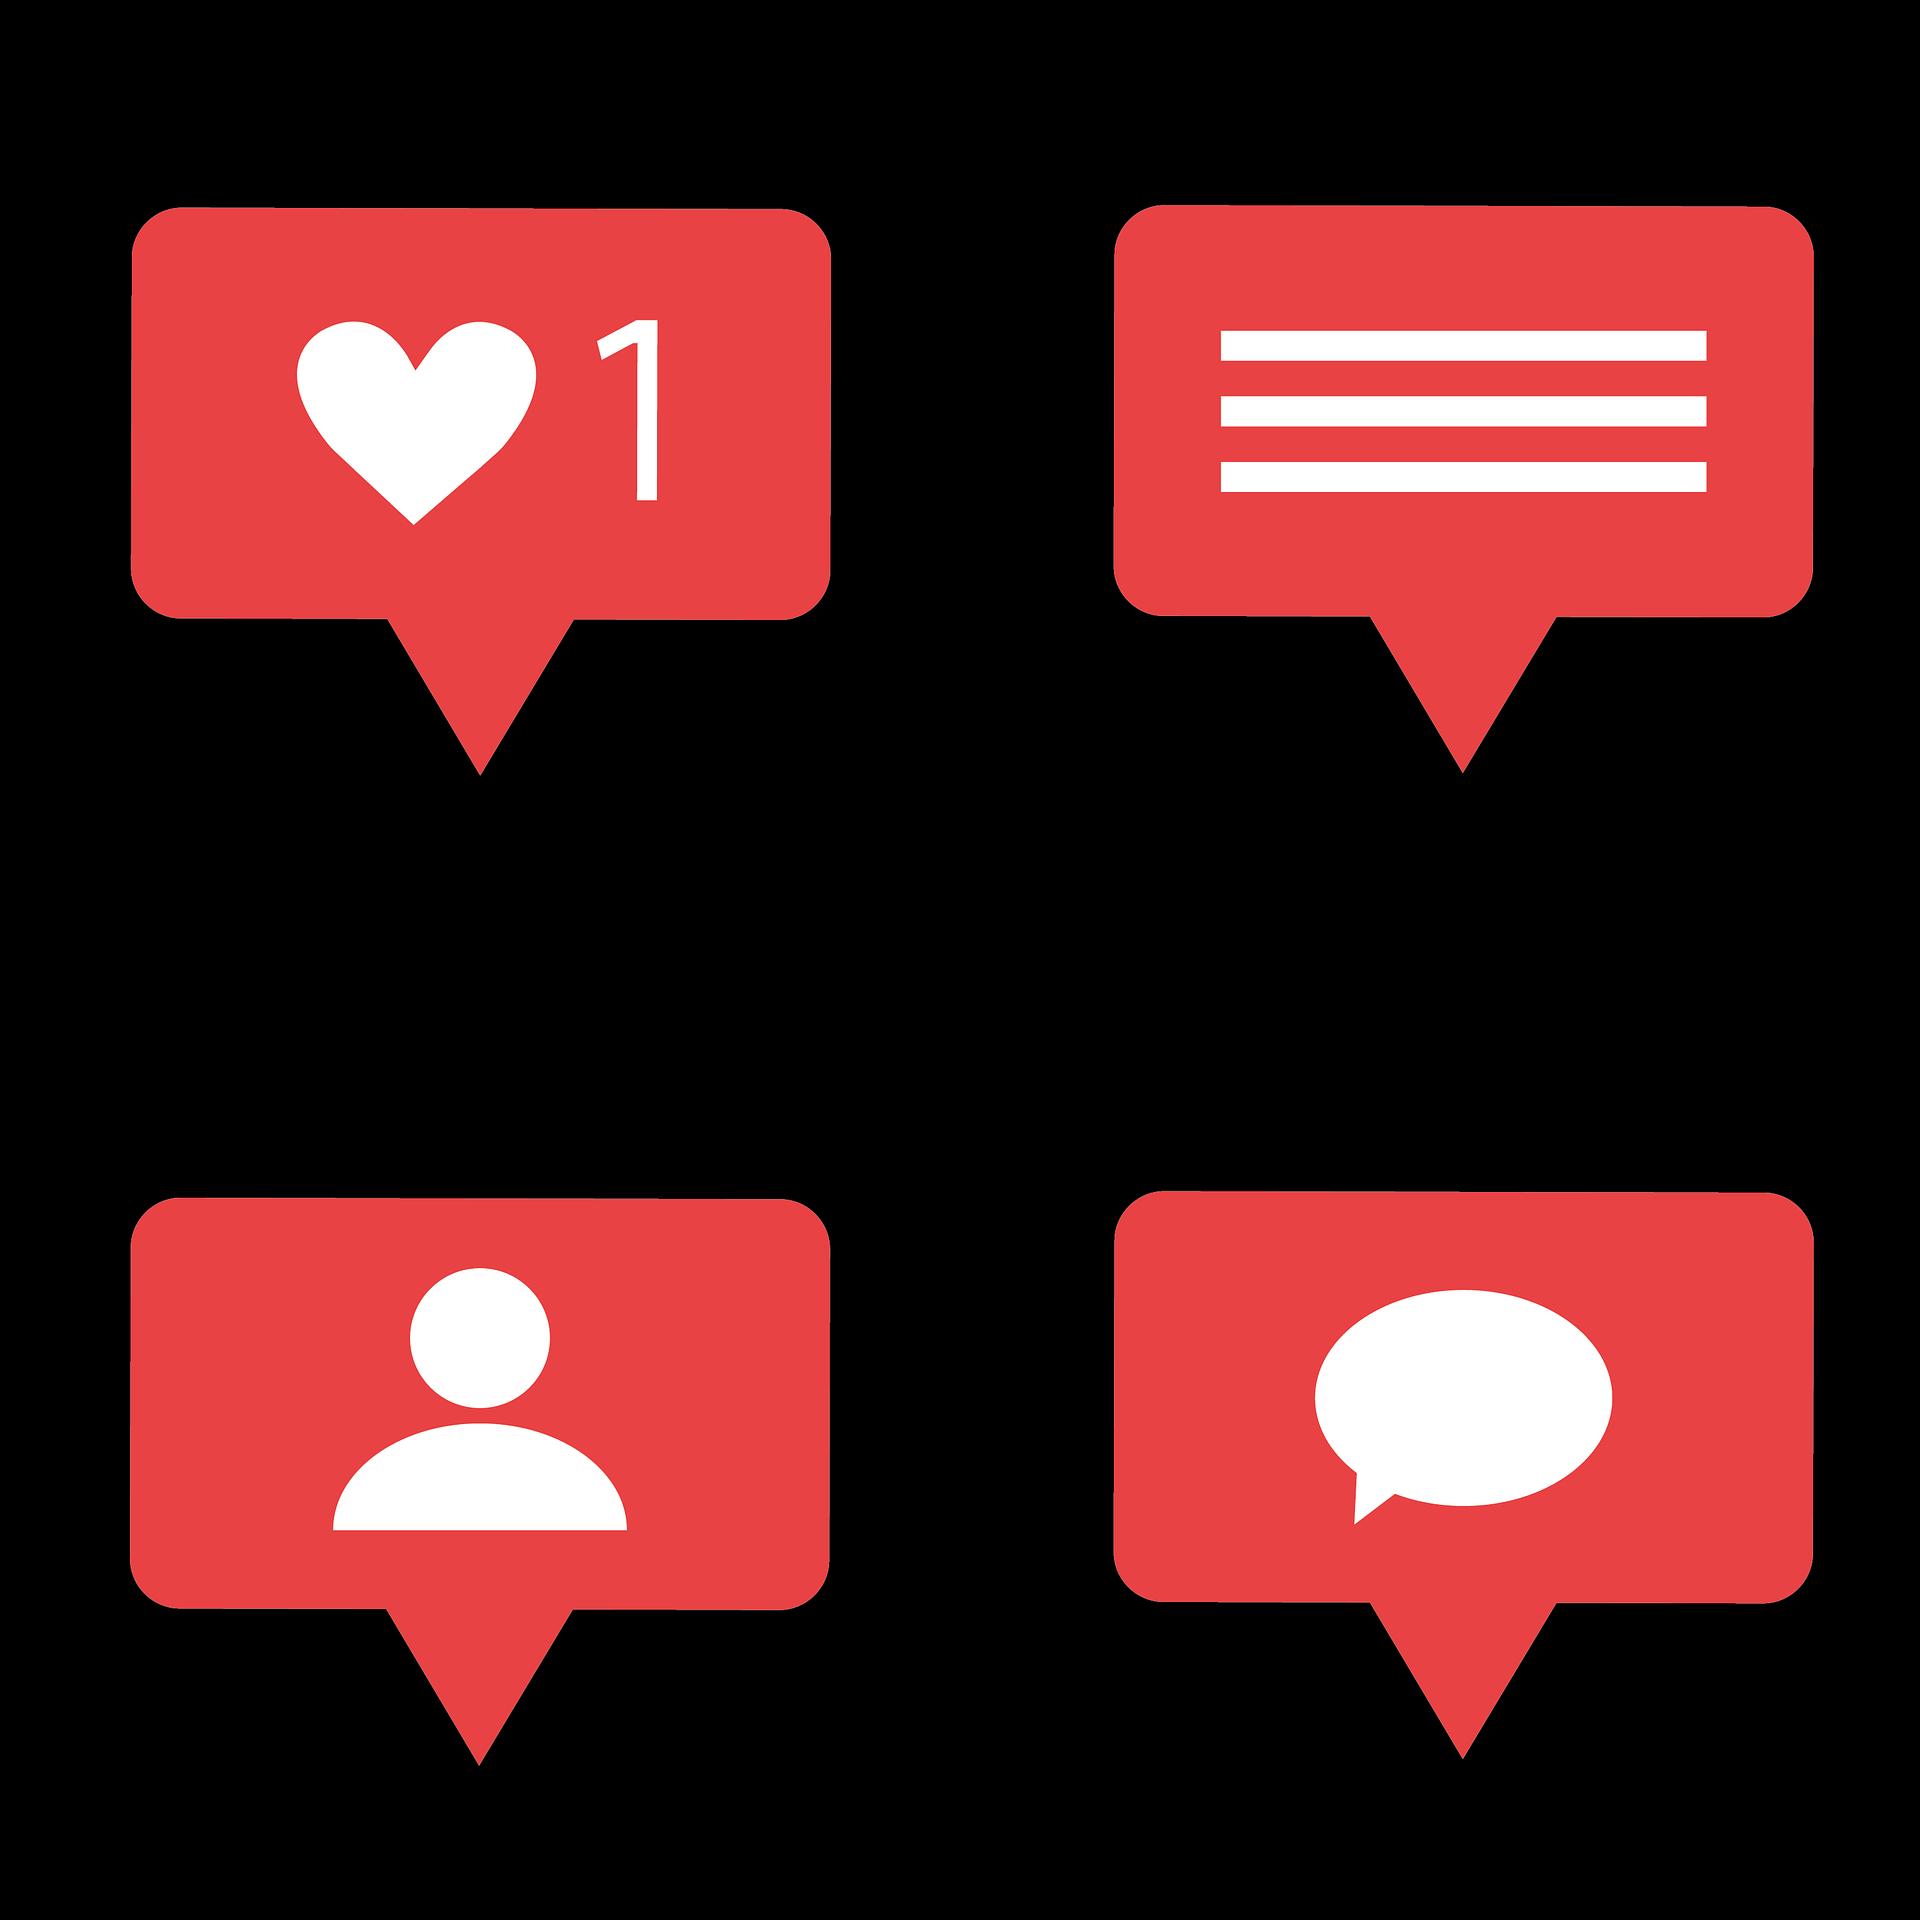 Icone Notifiche Social media